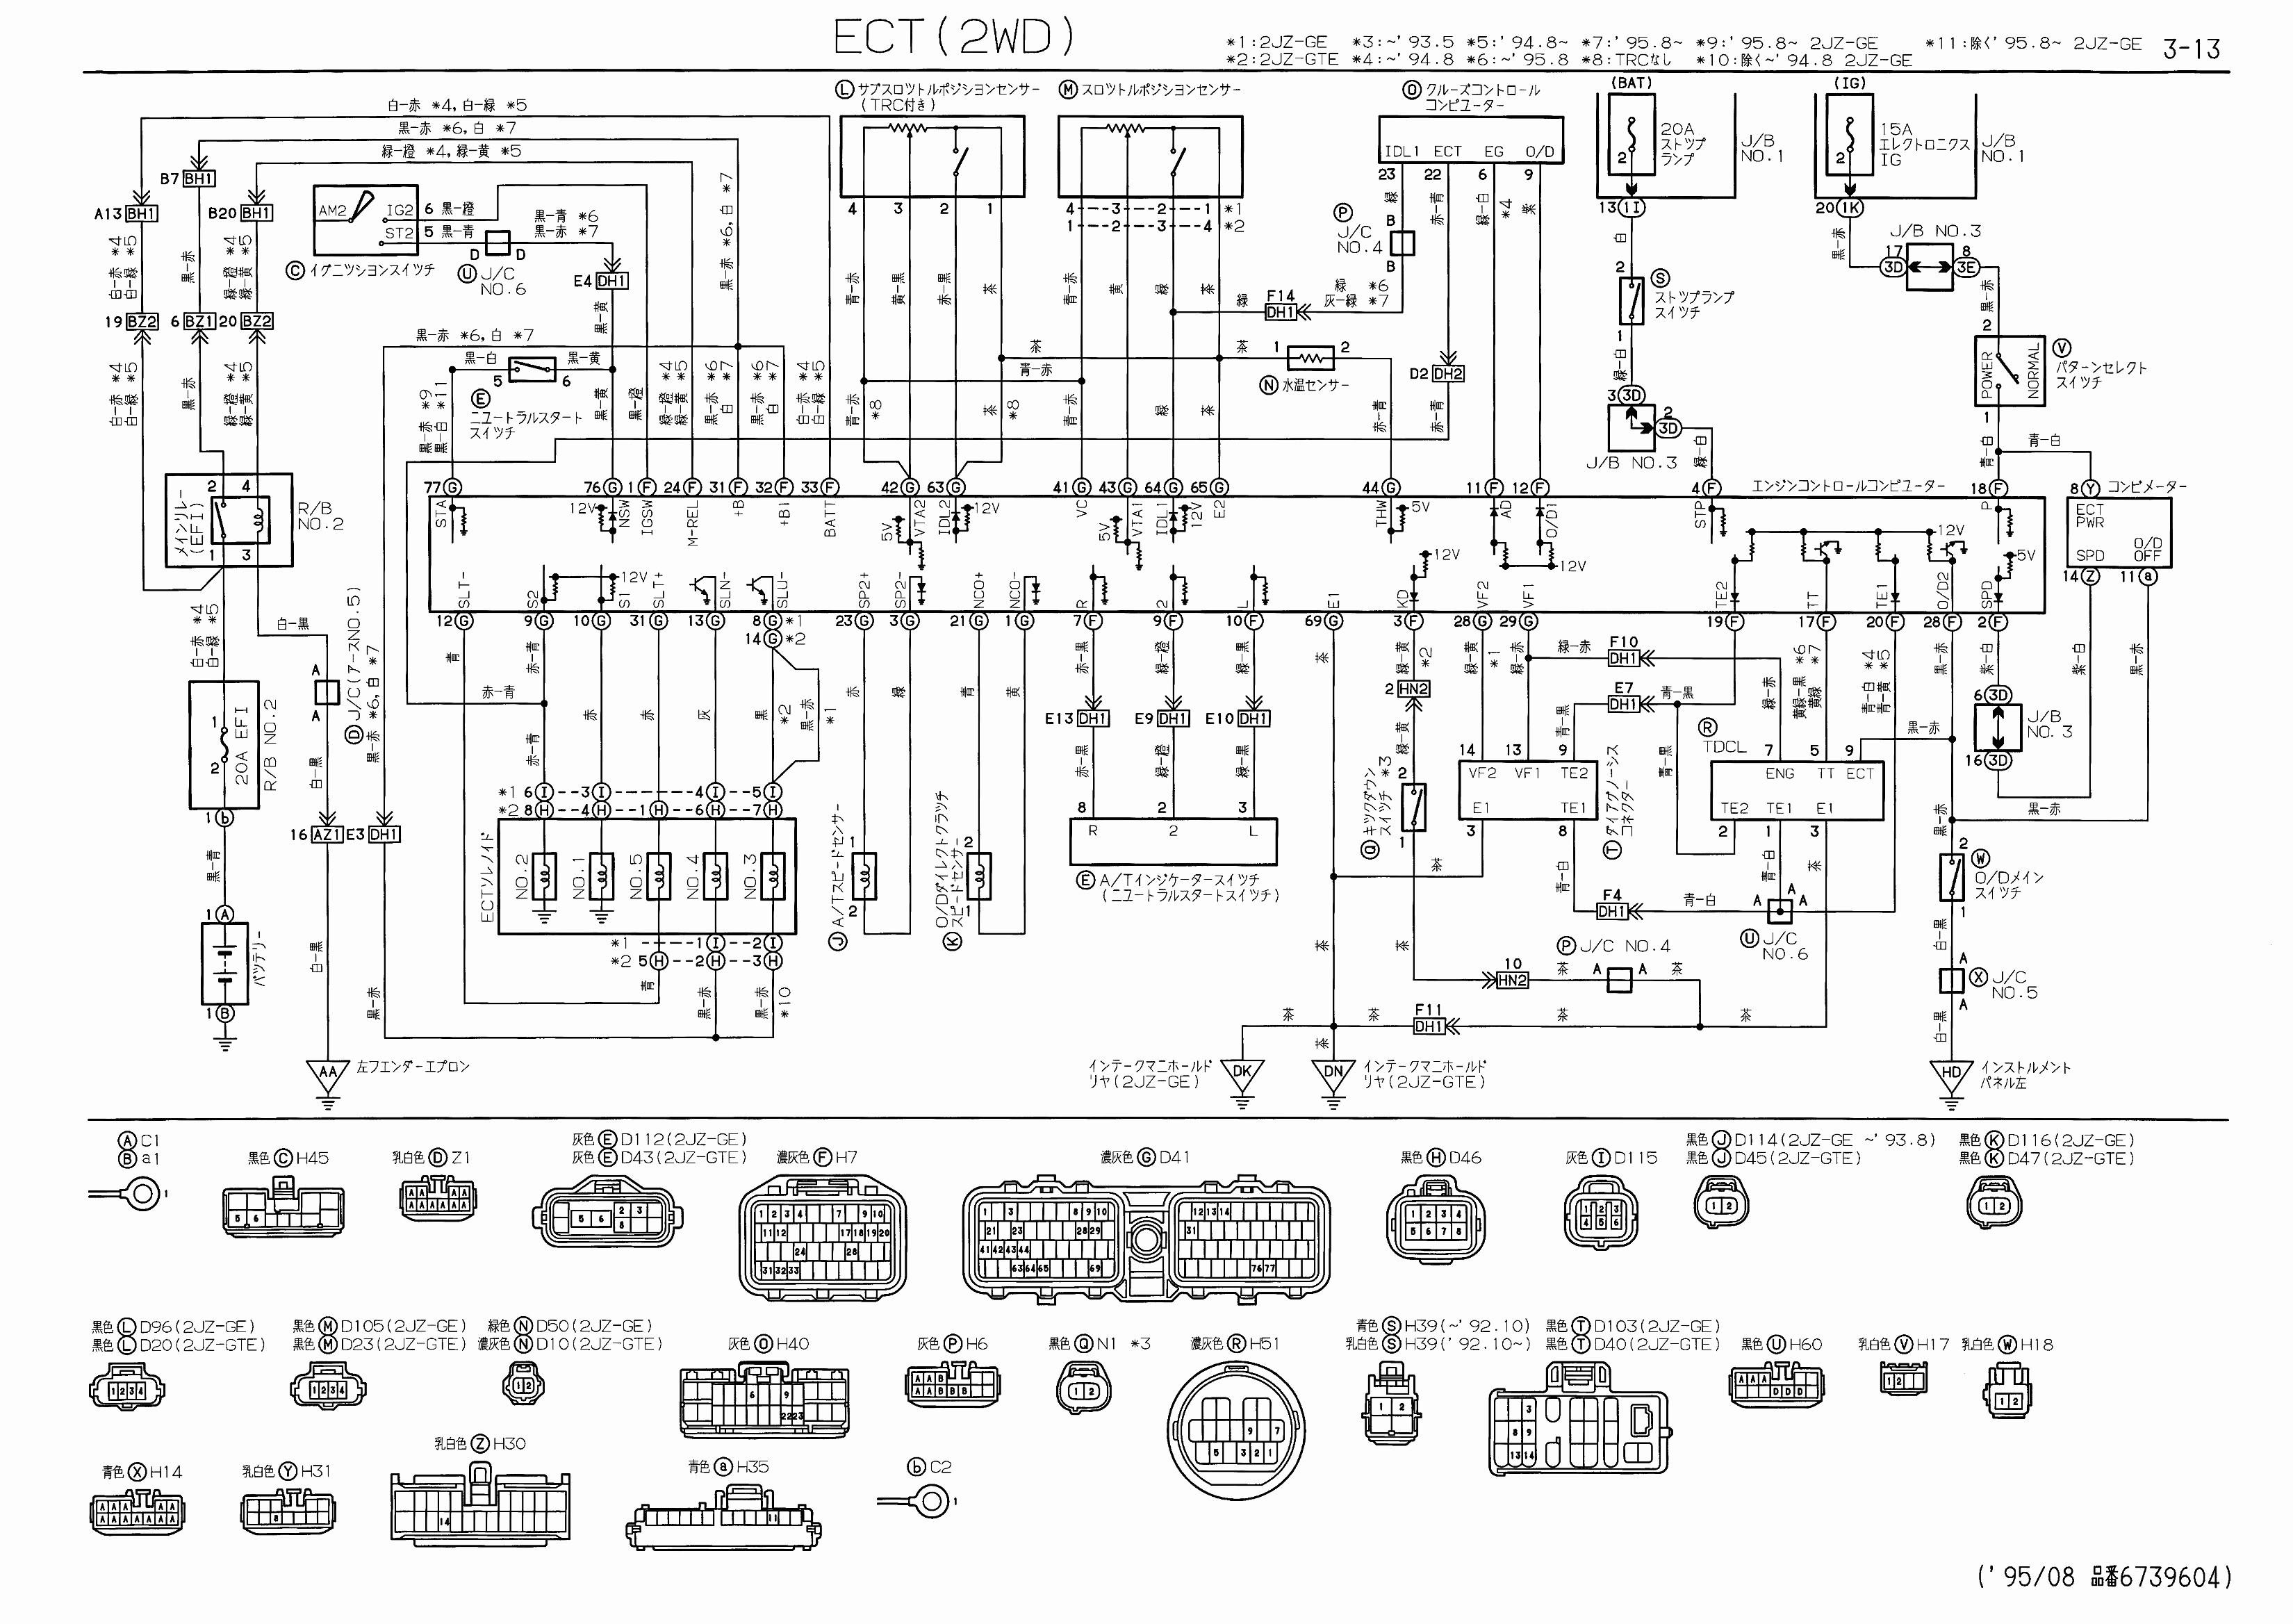 2003 Infiniti Q45 Engine Diagram Wiring Diagram Expert